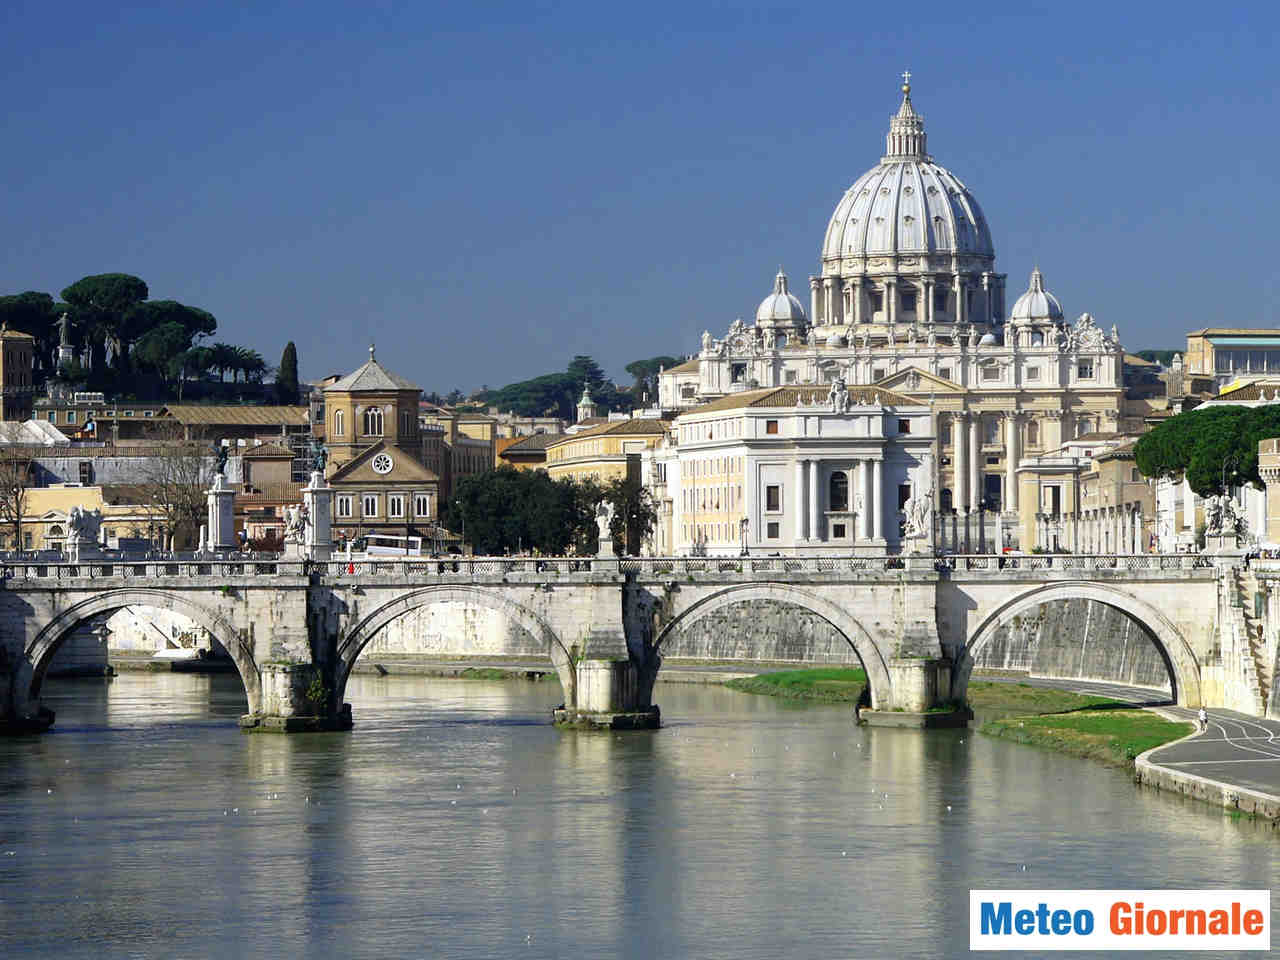 meteo 00001 - Meteo Roma, peggiora nel fine settimana